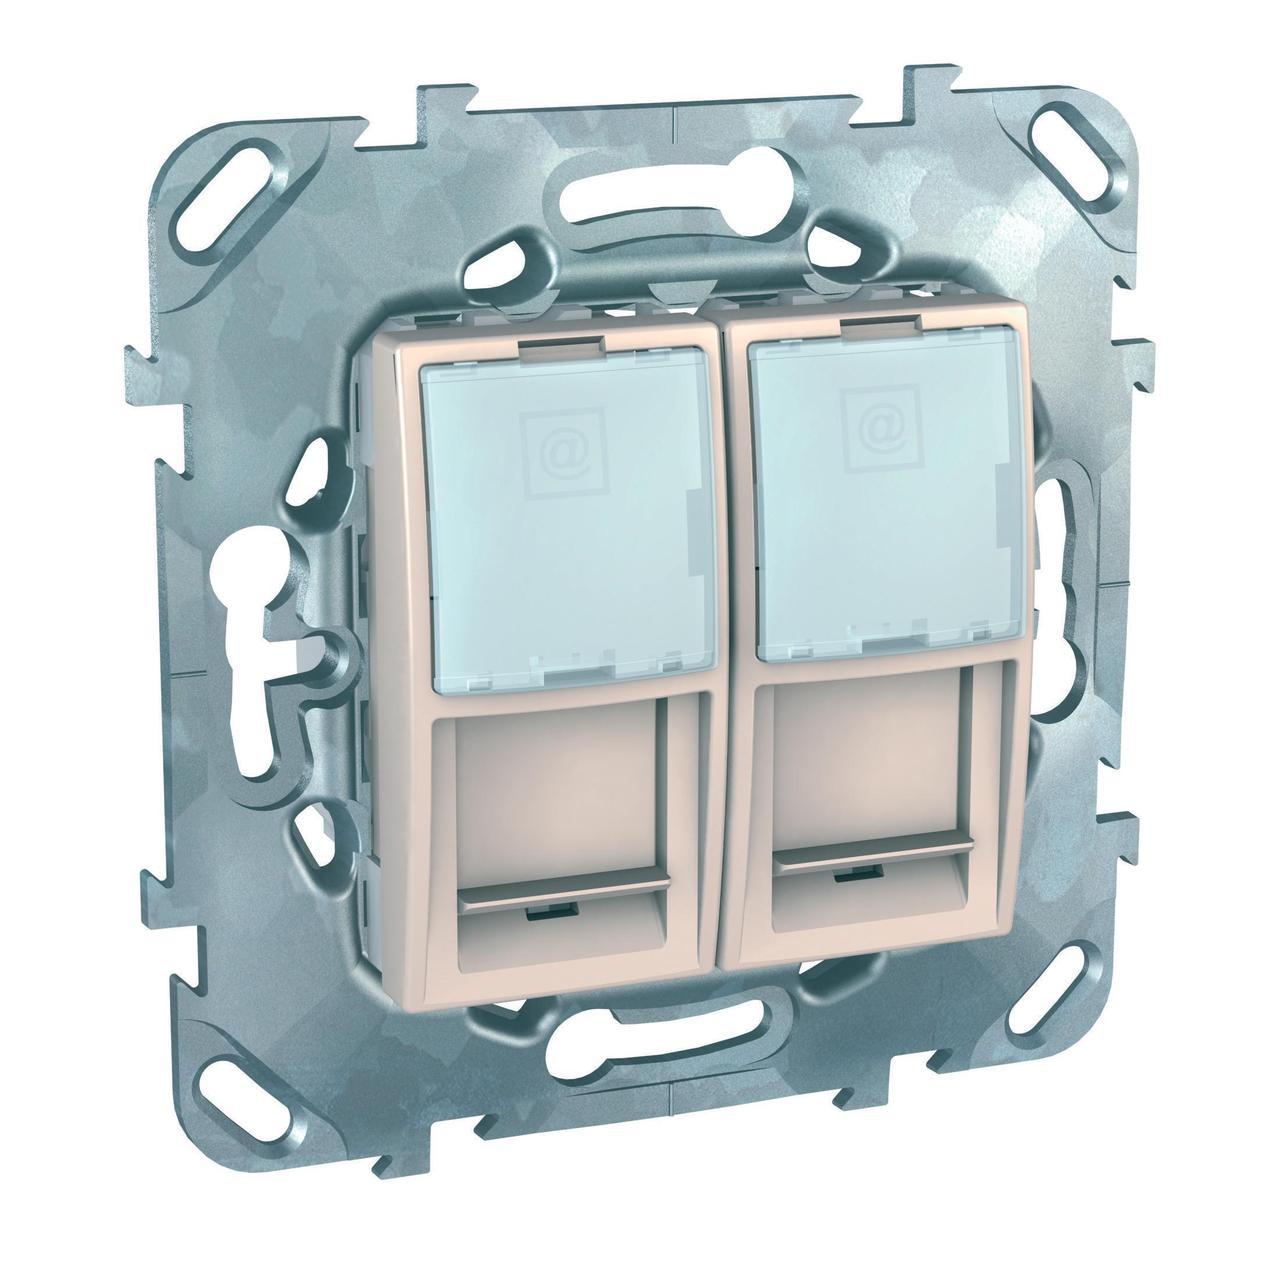 Розетка компьютерная 2-ая кат.6, RJ-45 (интернет) , Бежевый, серия Unica, Schneider Electric